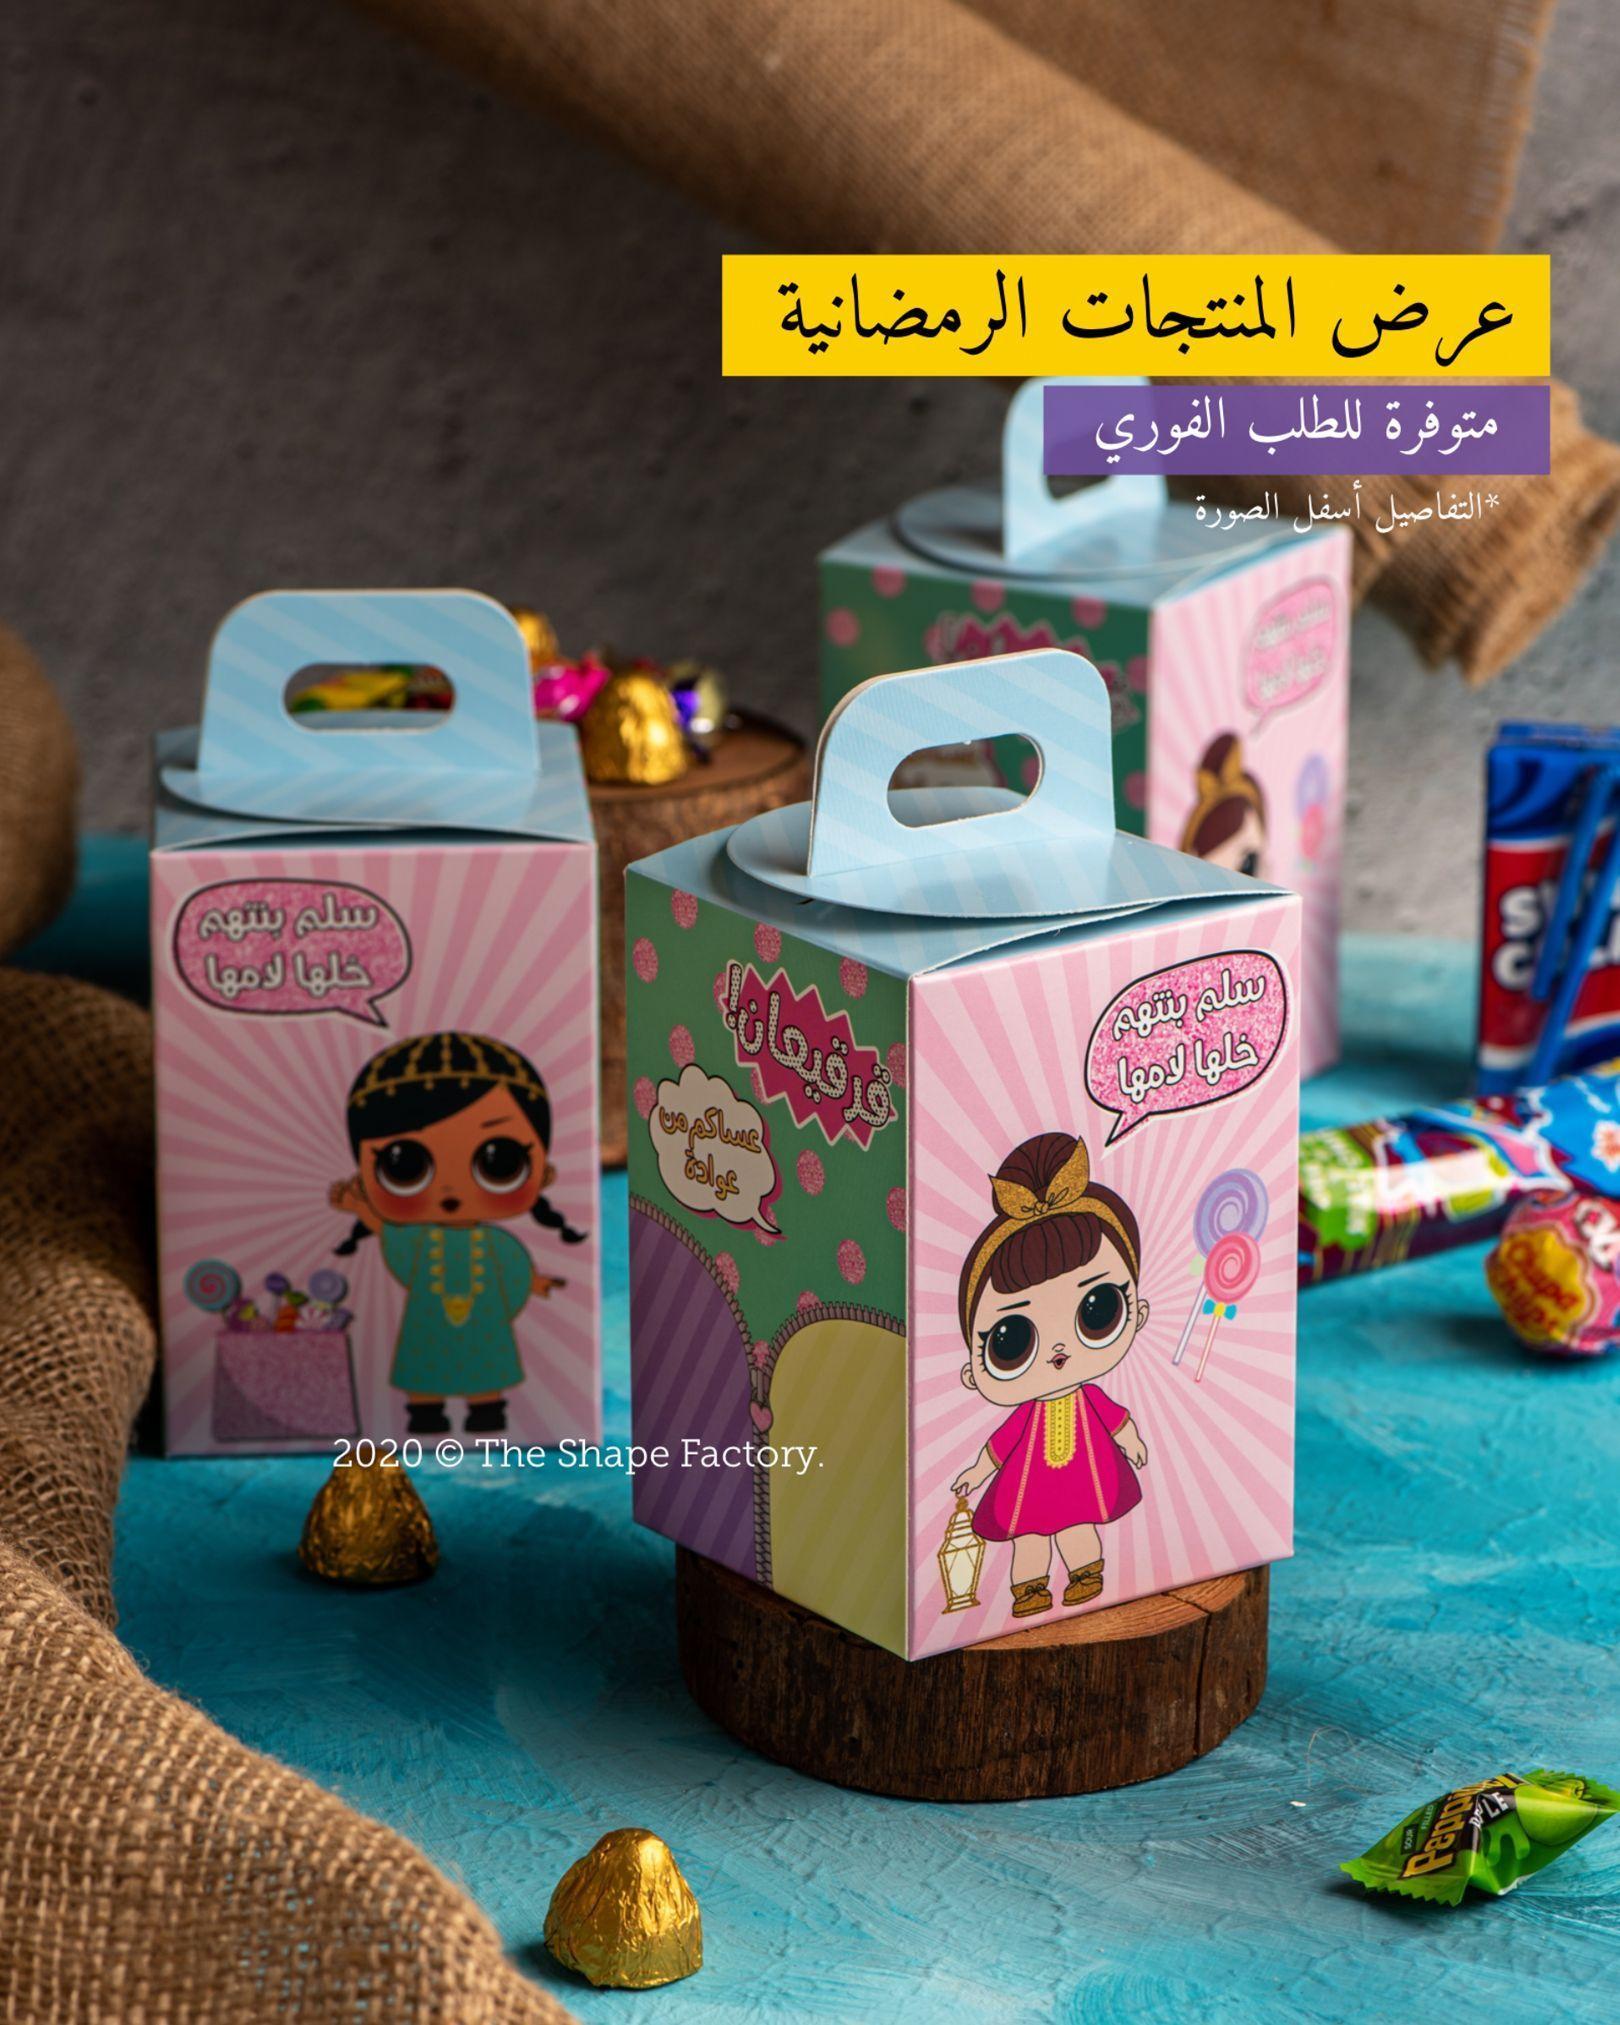 ونقول مرحبا للعلبة المنتظرة لوووووول Lol وفرناها بعبارتين جهة قرقاعون وجهة قرقيعان المنتج جاهز Ramadan Kids Alphabet Kindergarten Ramadan